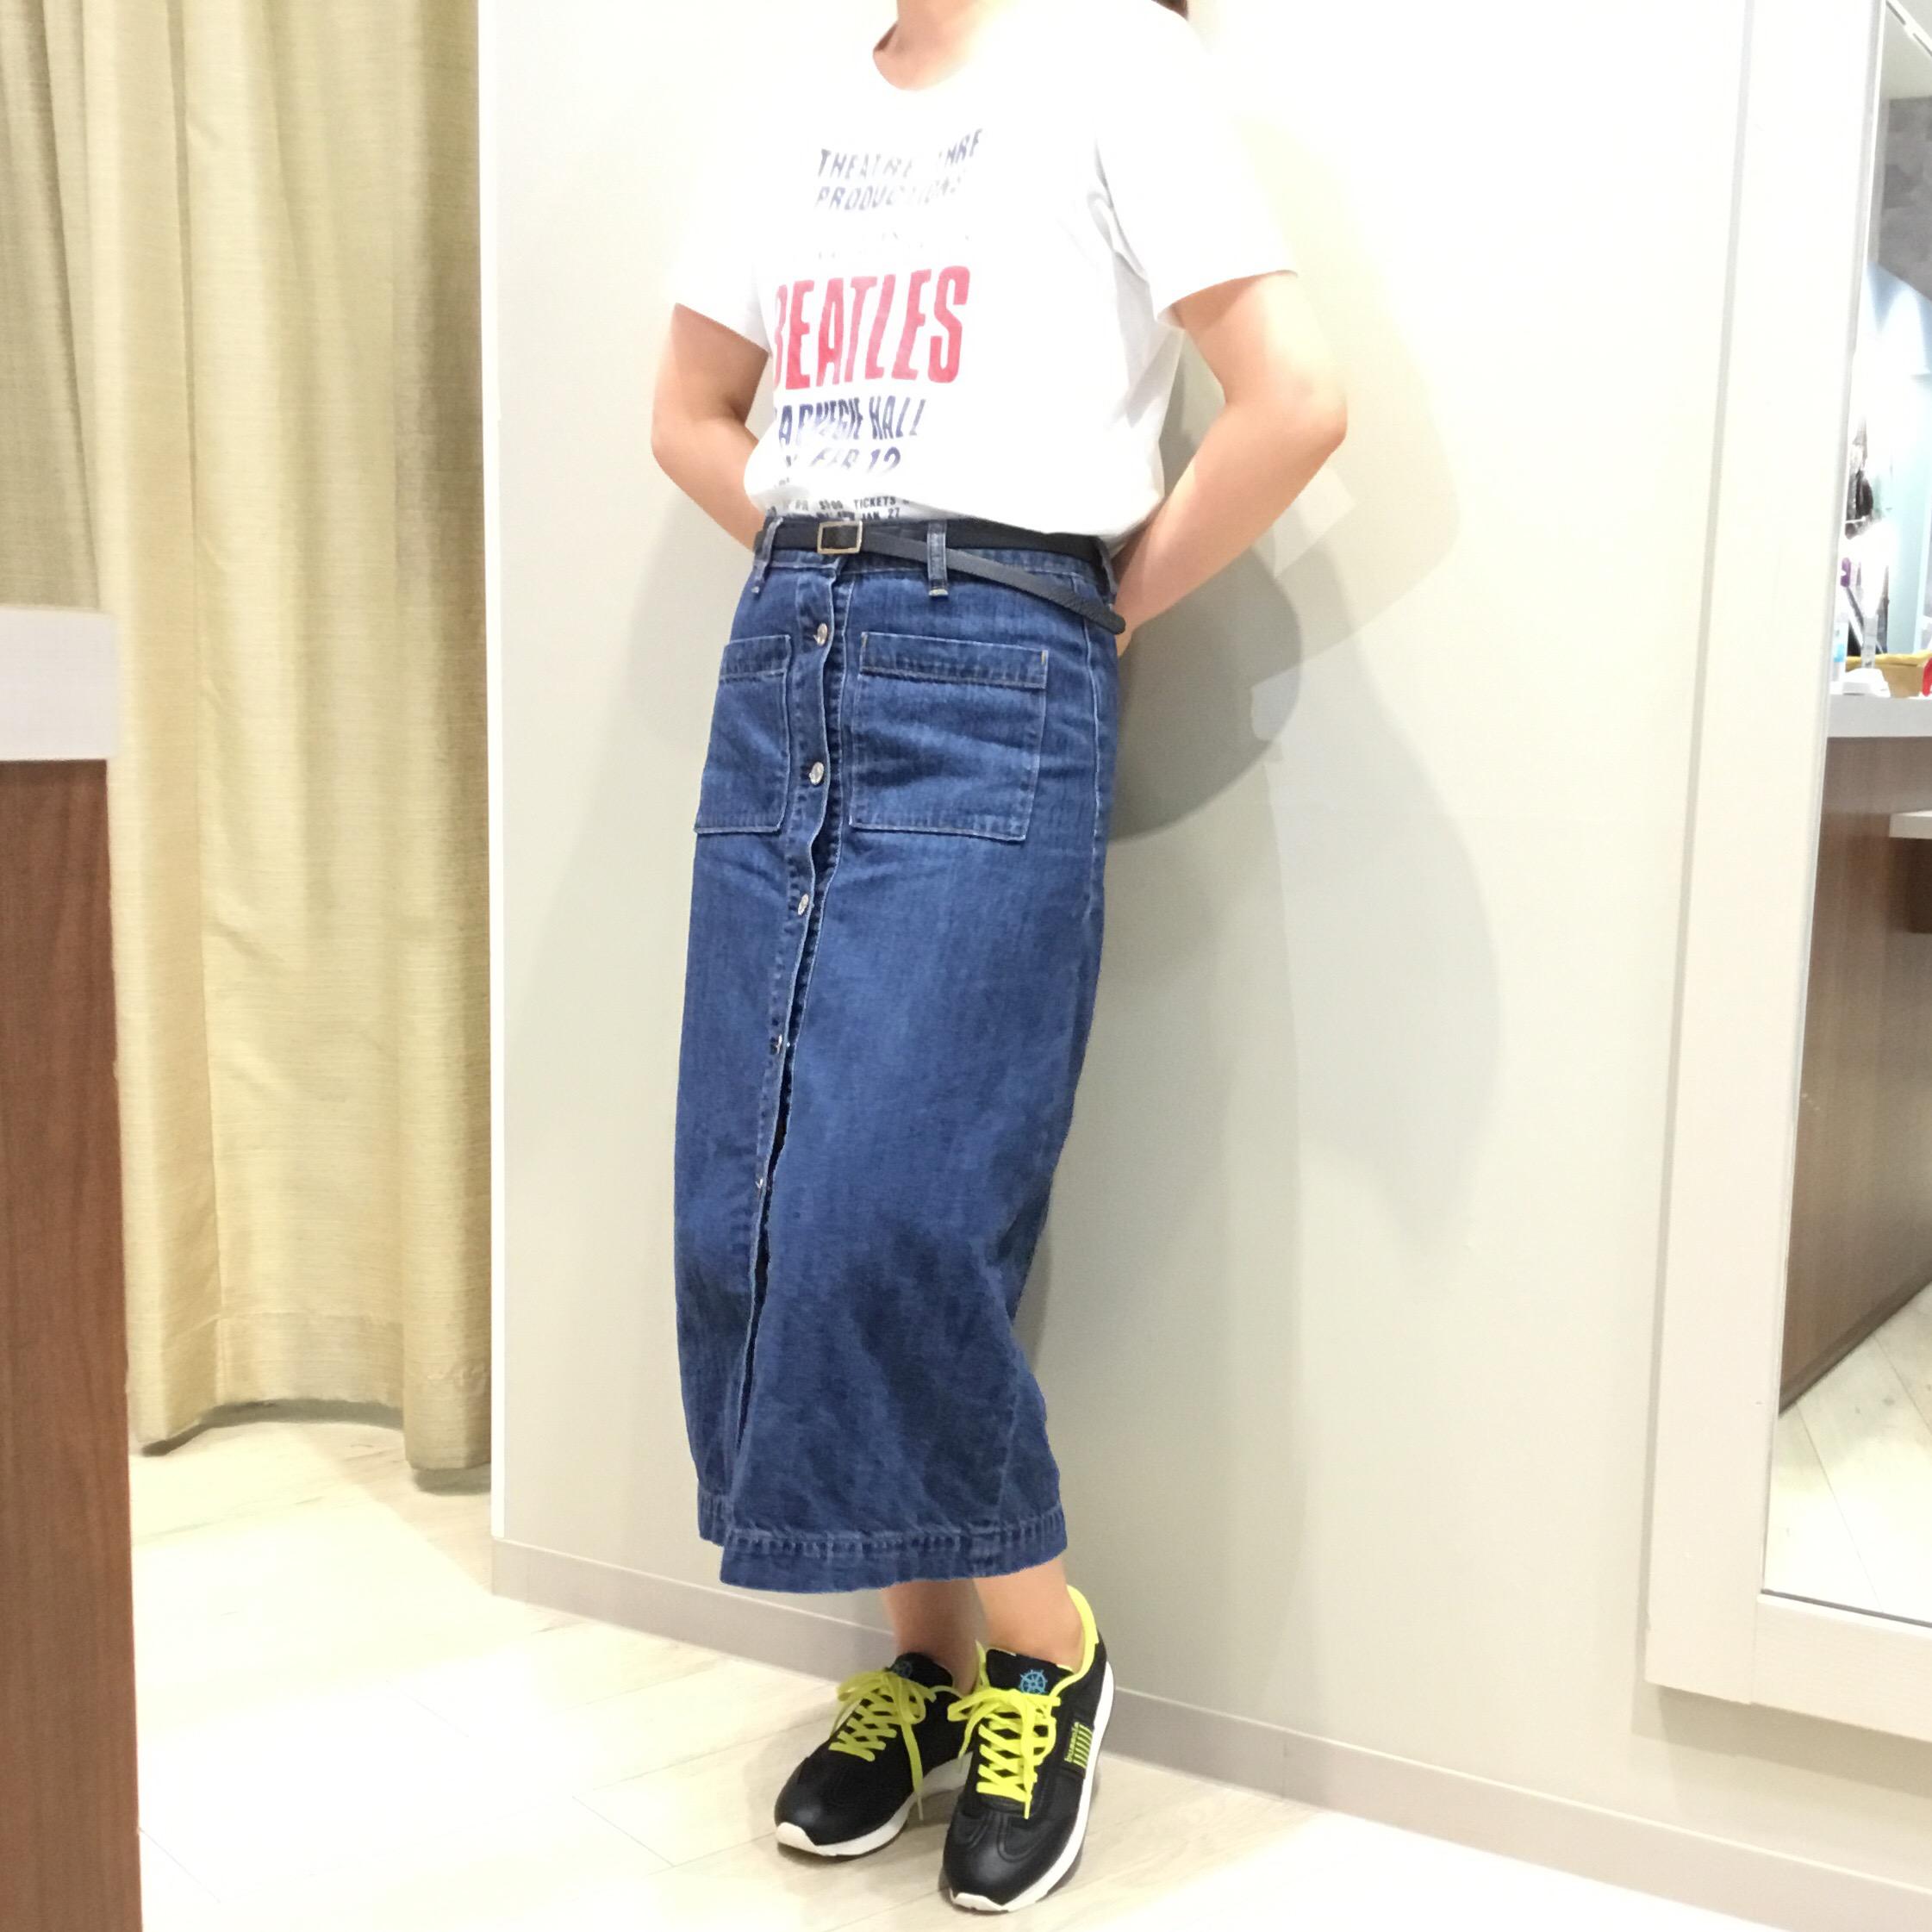 軽い!bussola(ブソラ)スニーカー